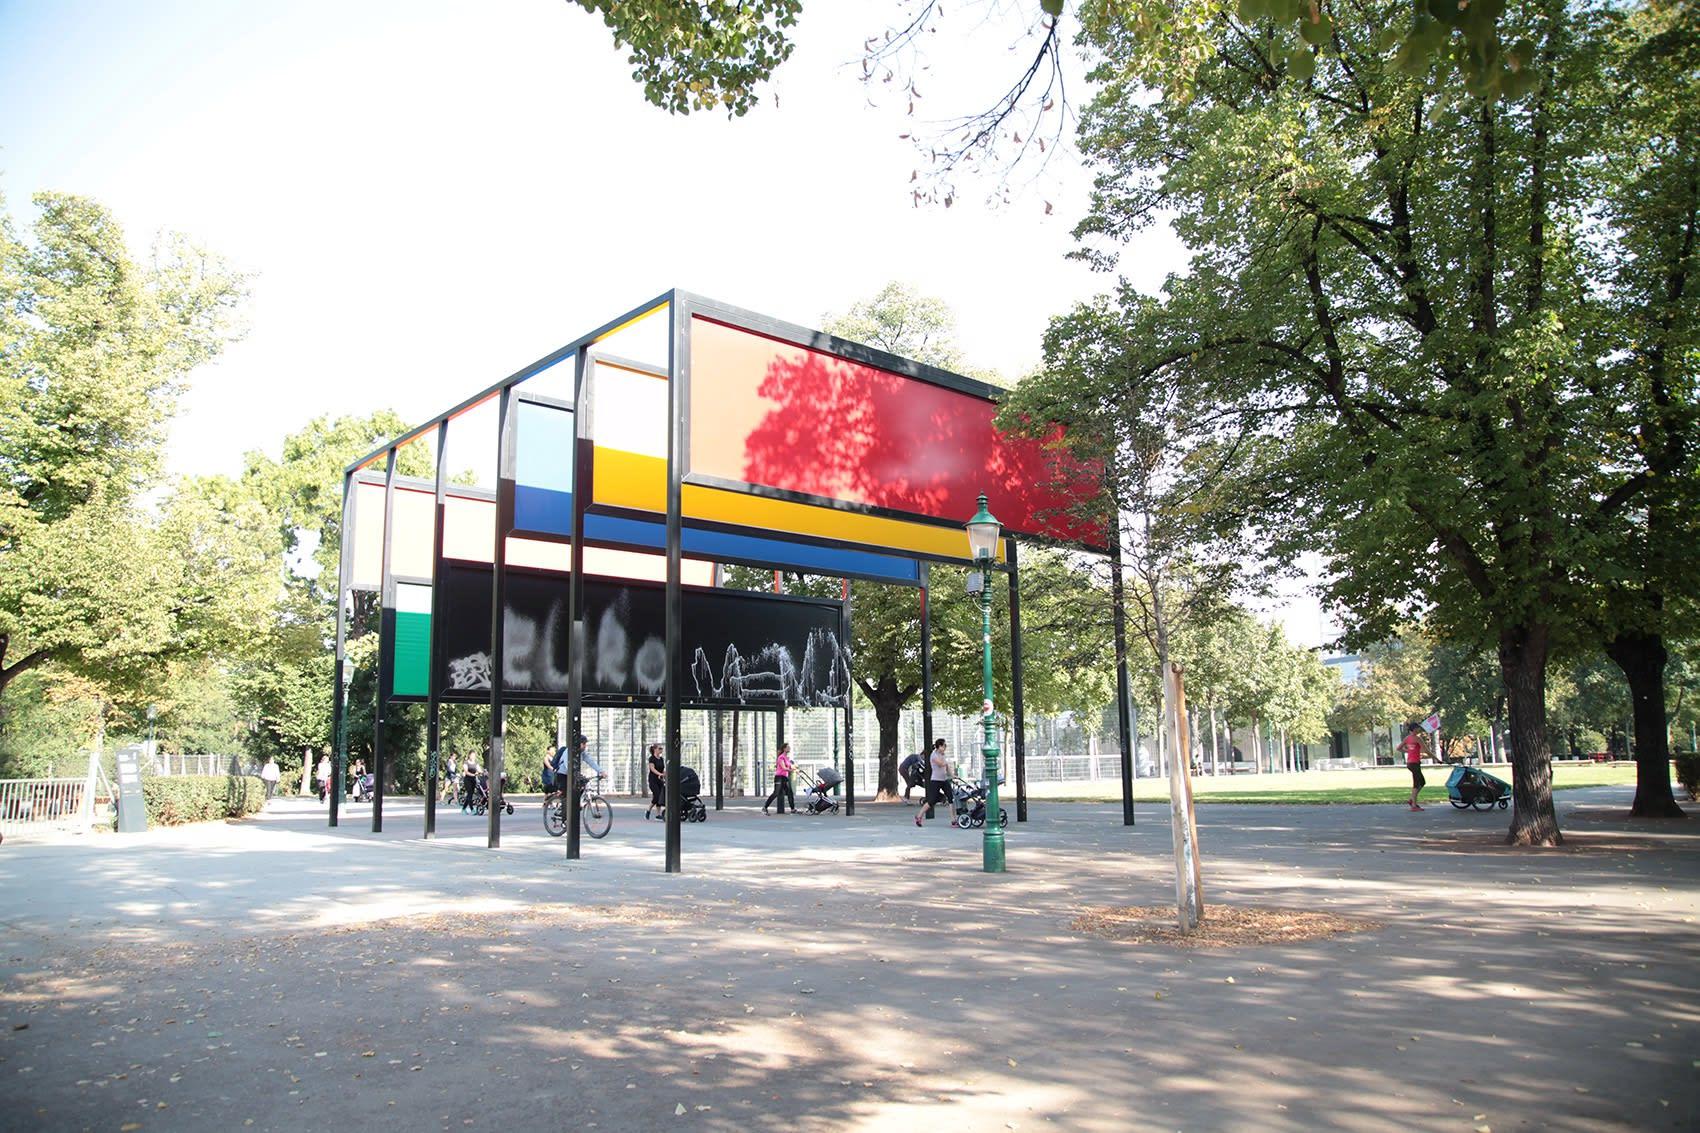 vienna contemporary art galleries, donald judd, mak museum